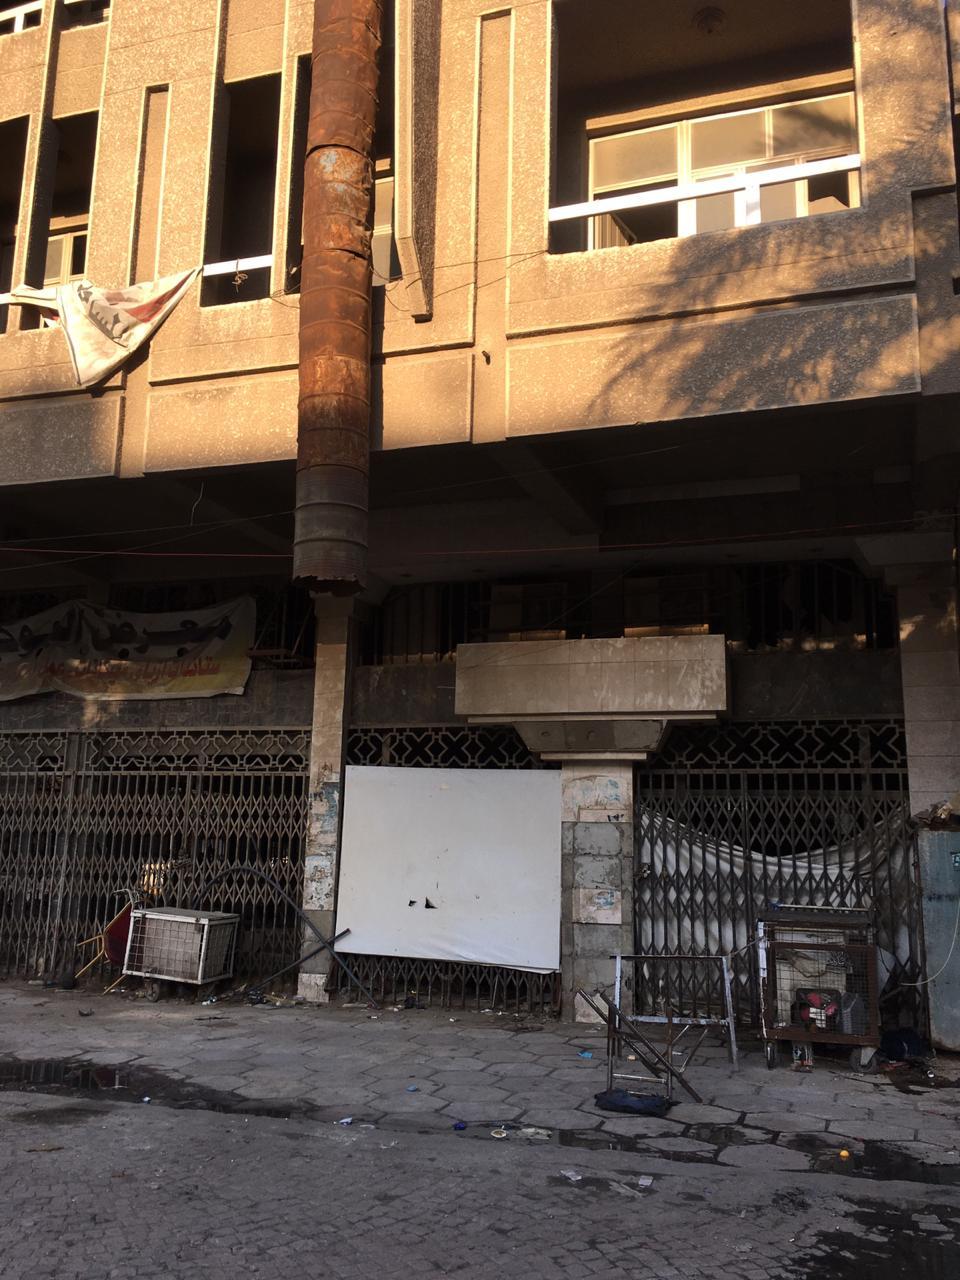 عمارة للبيع في بغداد شارع السعدون